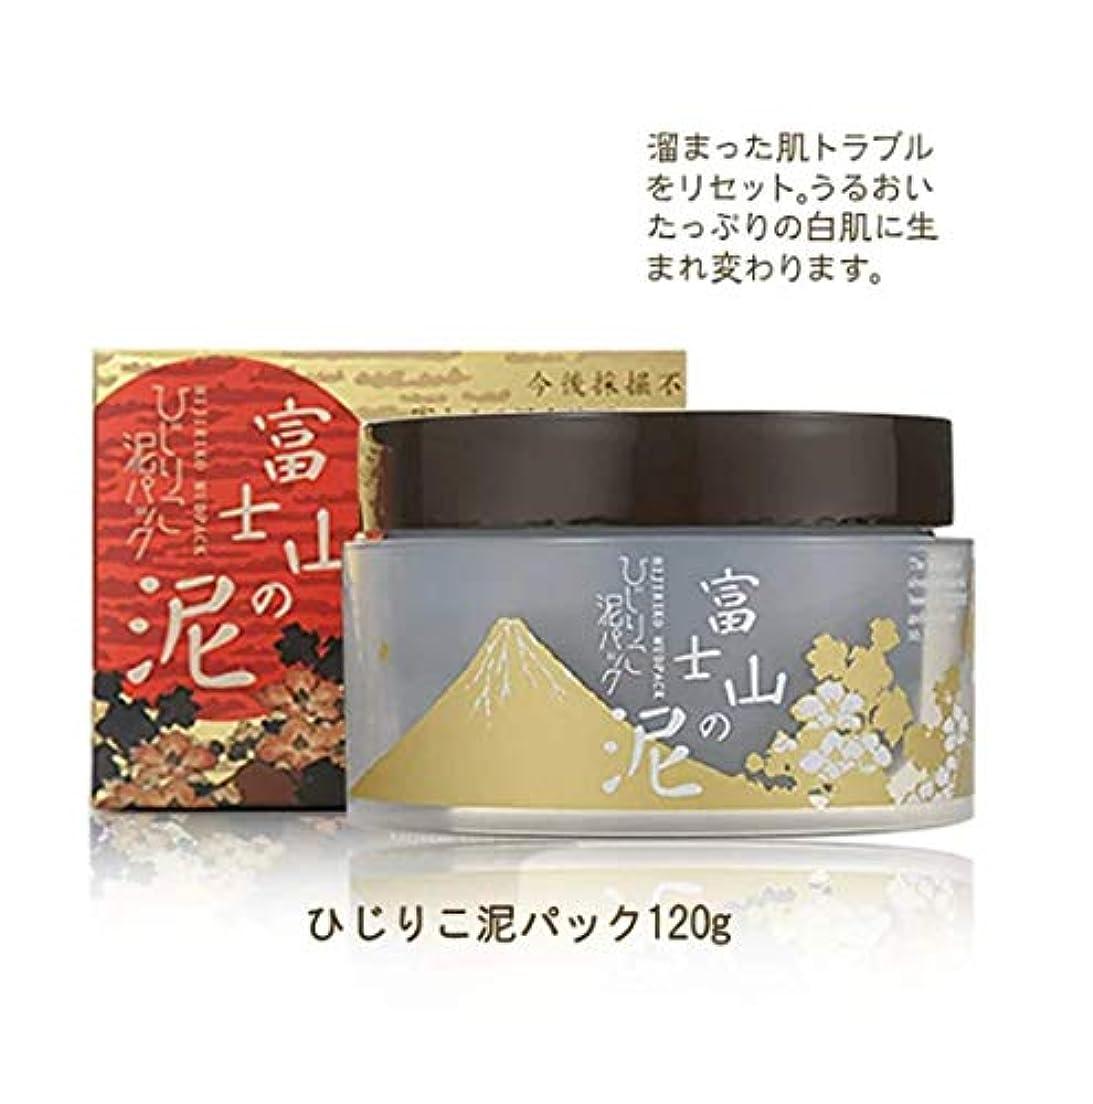 意欲推定する人事ひじりこ化粧品 ひじりこ泥パックS 富士山の泥 120g